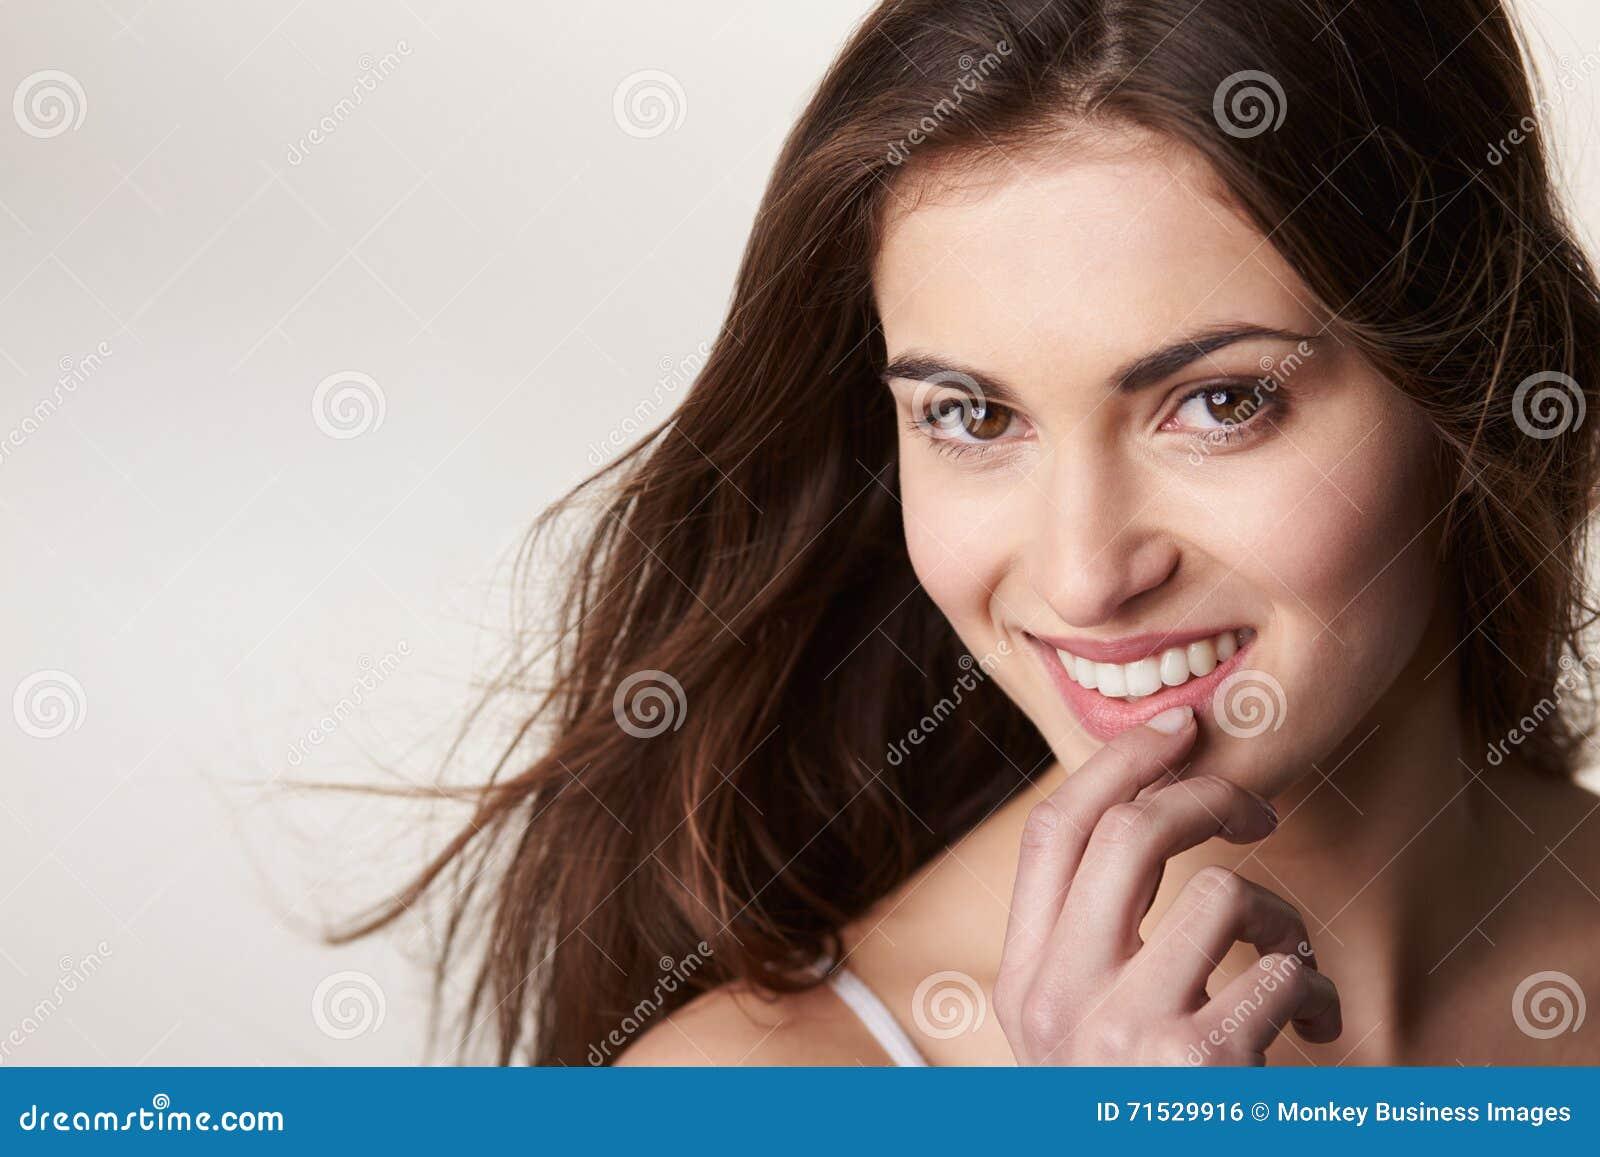 深色头发,已故的青少年的女孩,对照相机的头发吹的神色.图片